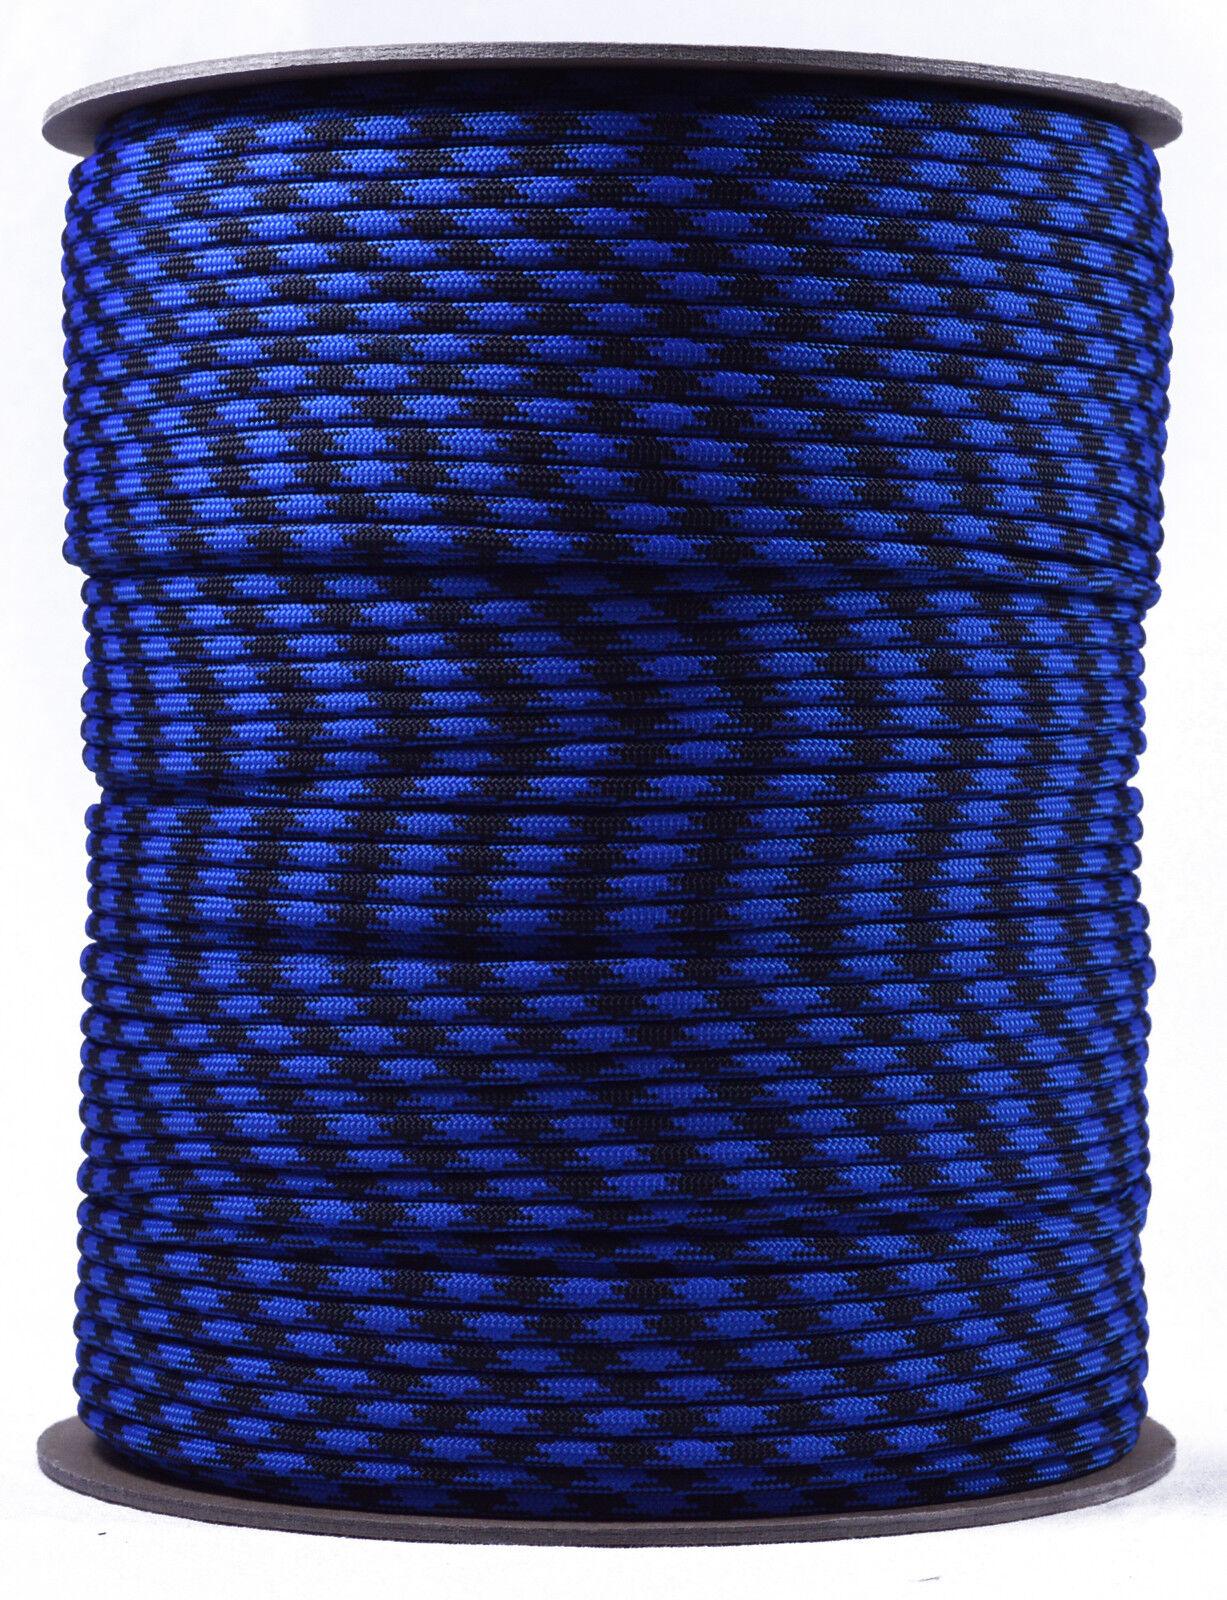 Bruiser - 550 Cuerda de paracaídas Paracord Cuerda 7 Strand-Carrete de 1000 pies